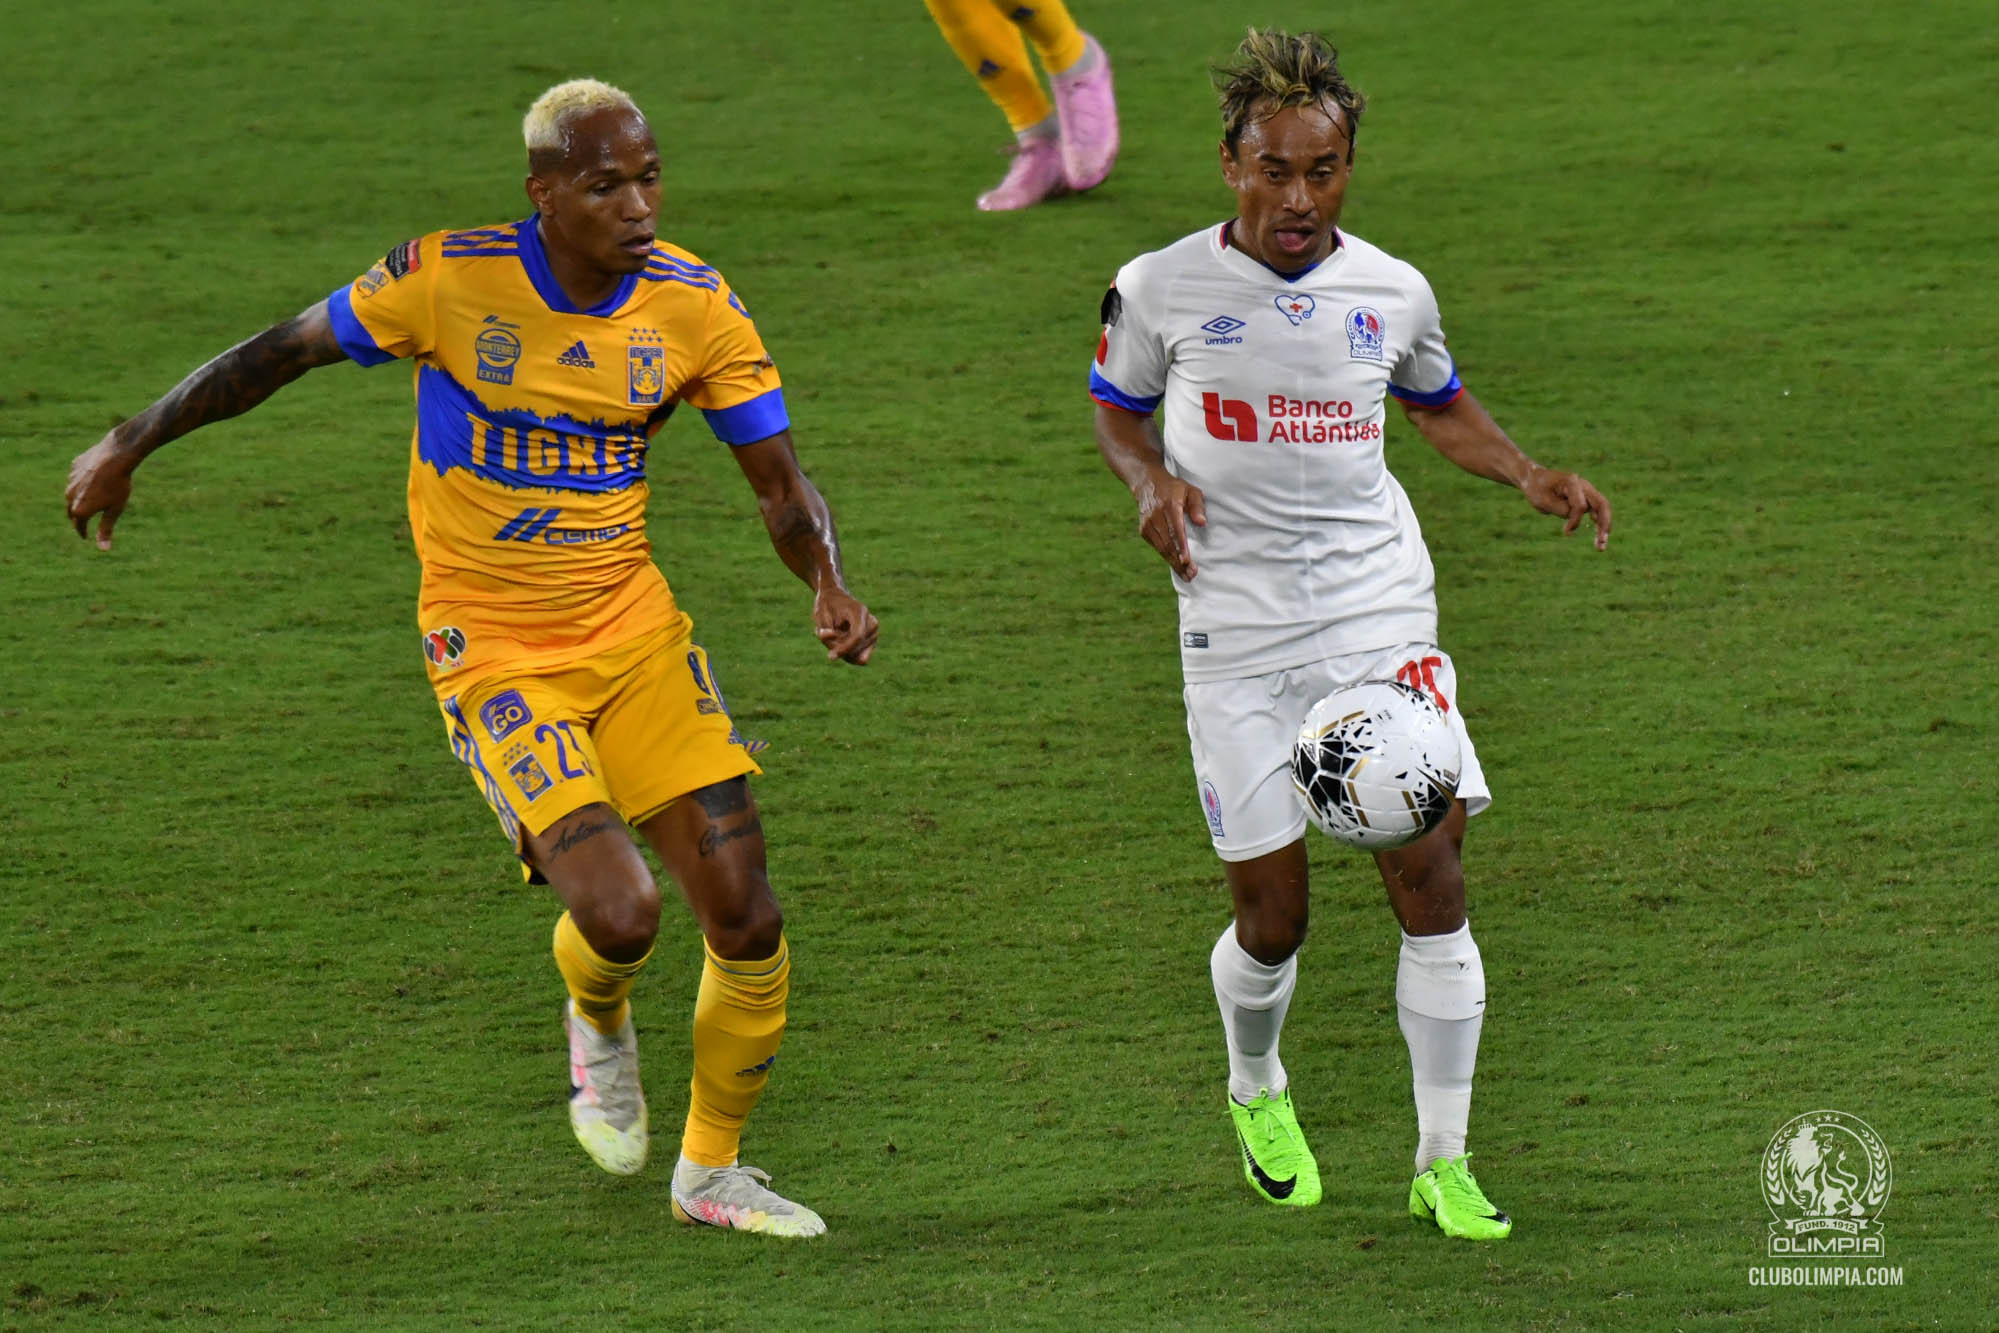 Tigres 3-0 Olimpia [CONCACAF Champions League]